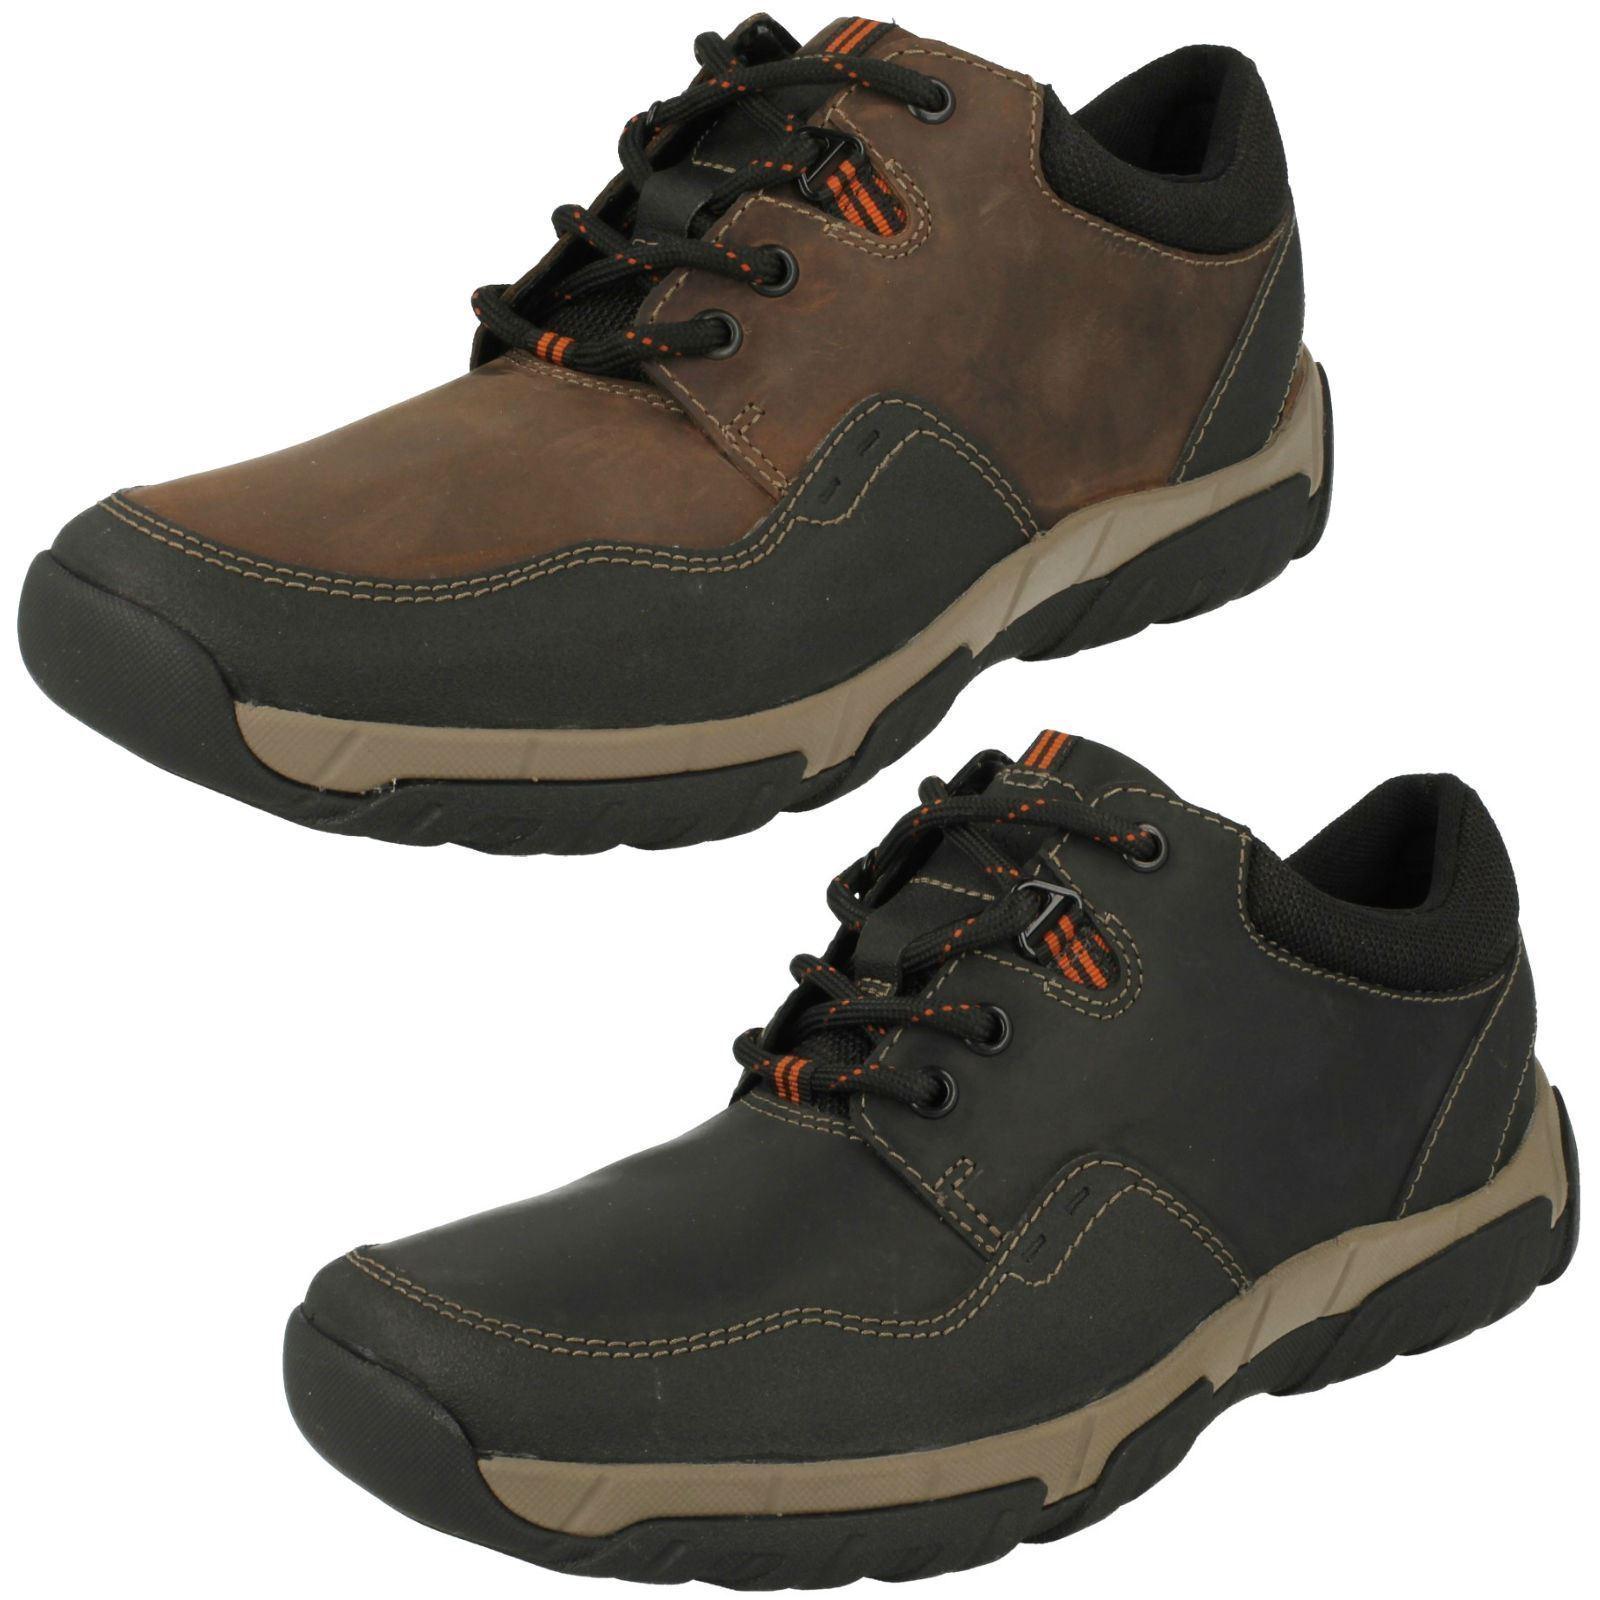 El hombre Clark walbeck de calzado impermeable.